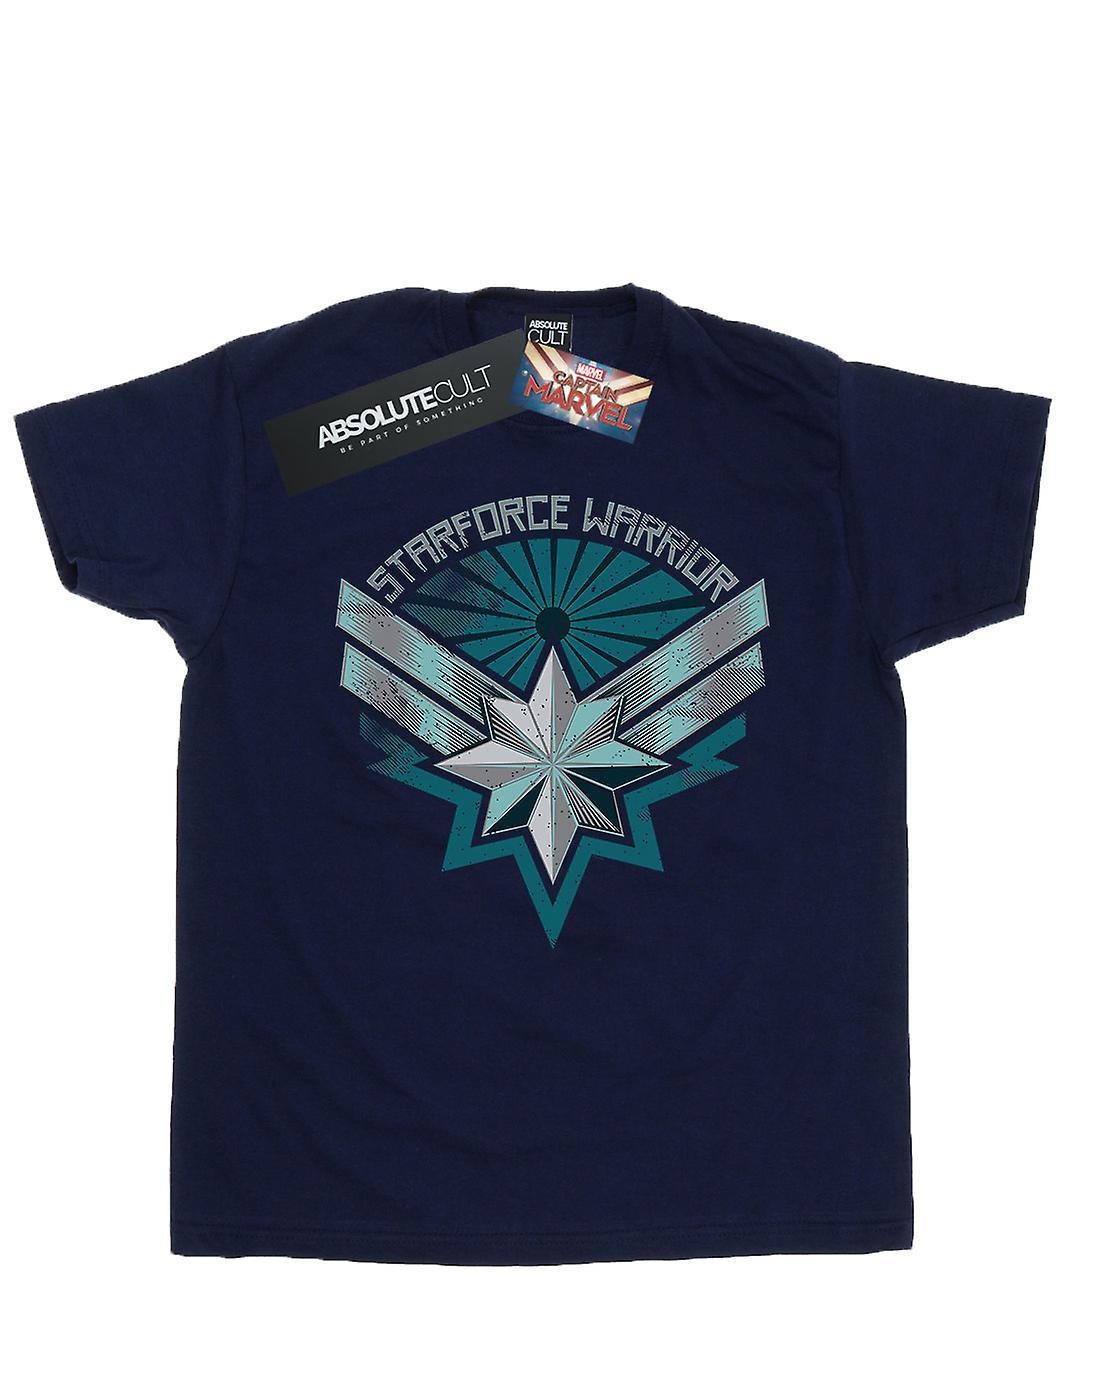 Marvel Girls Captain Marvel Starforce Warrior T-Shirt